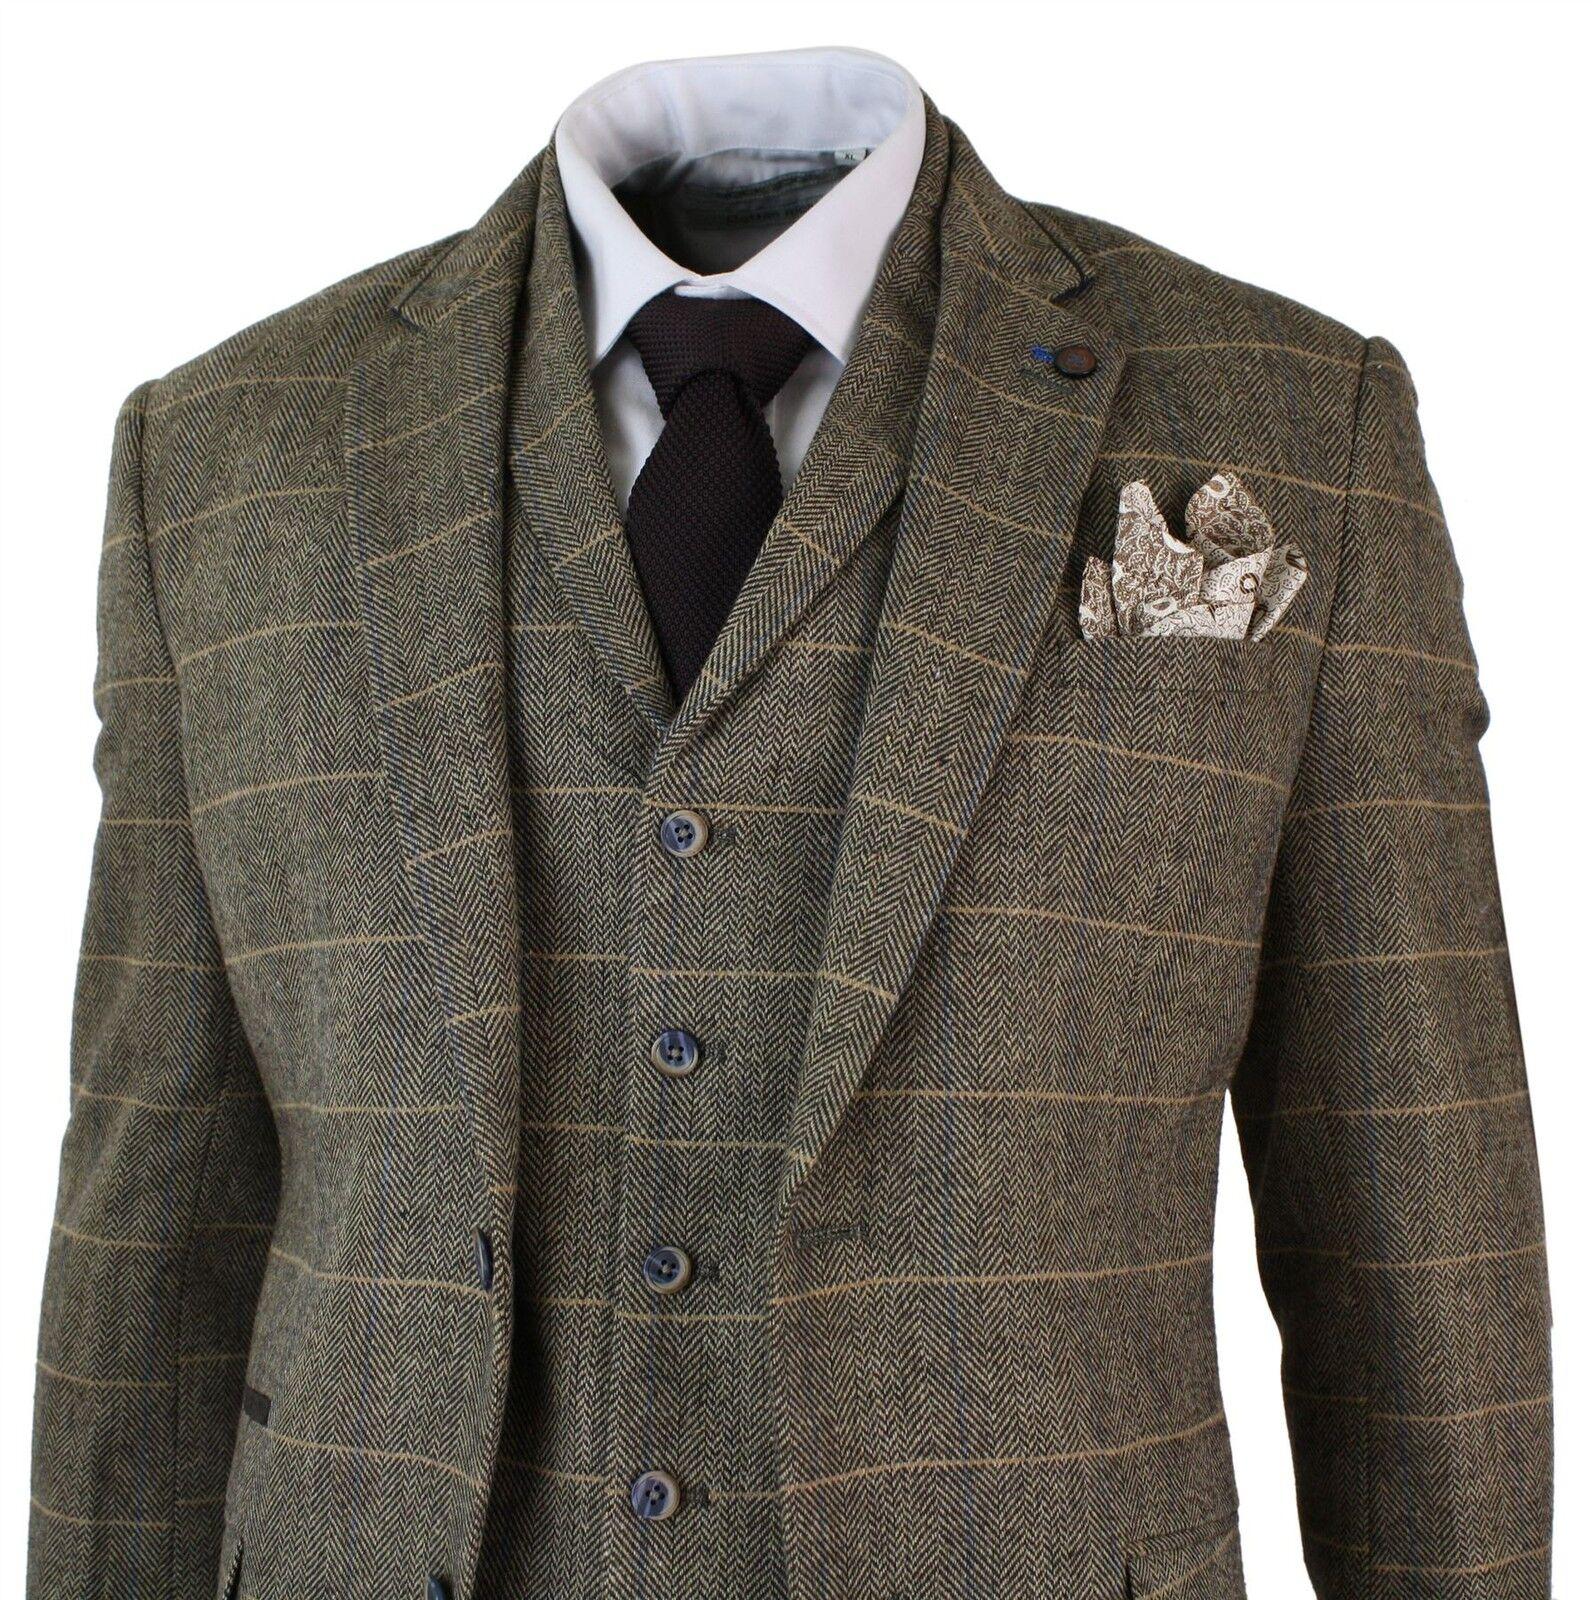 Costume cintré 3 pièces homme tweed classique à chevrons carreaux marron clair